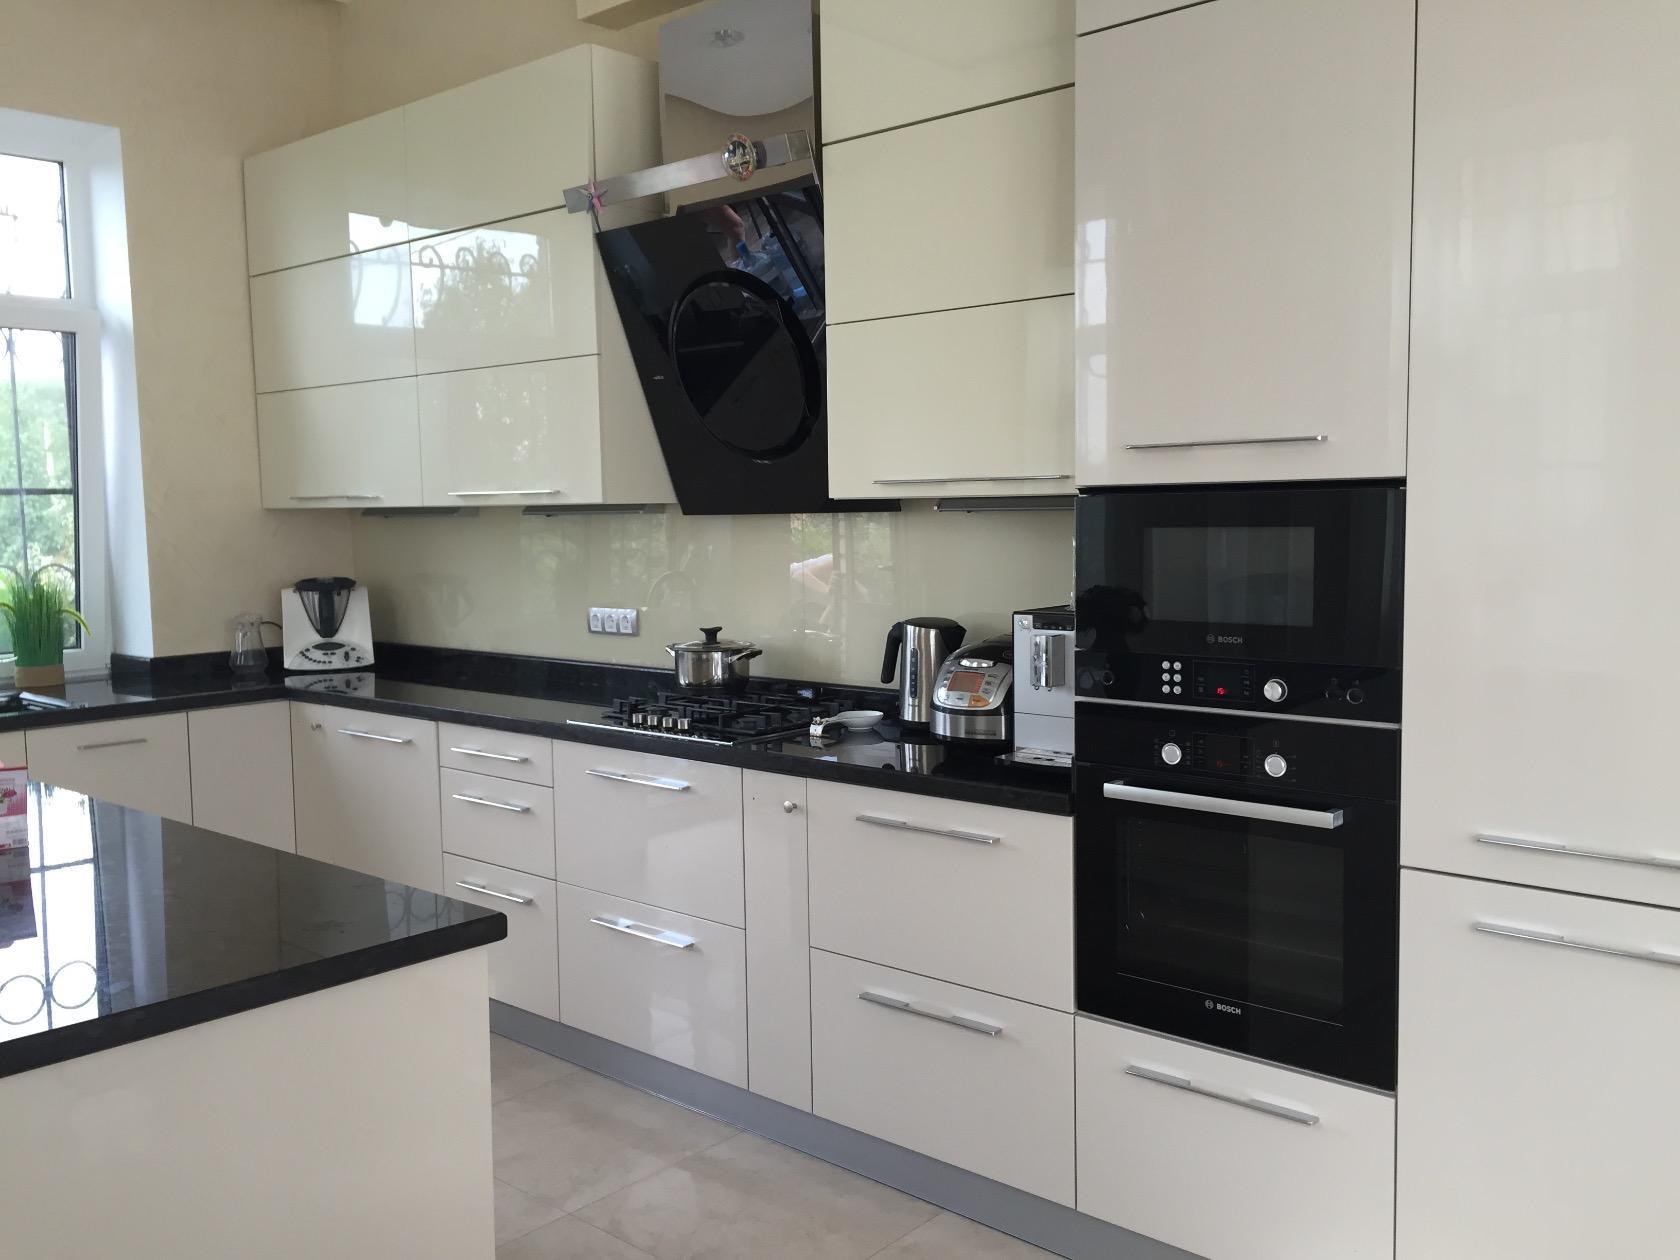 рожден дизайн кухонного гарнитура белый глянец фото позирует фото, обхватив